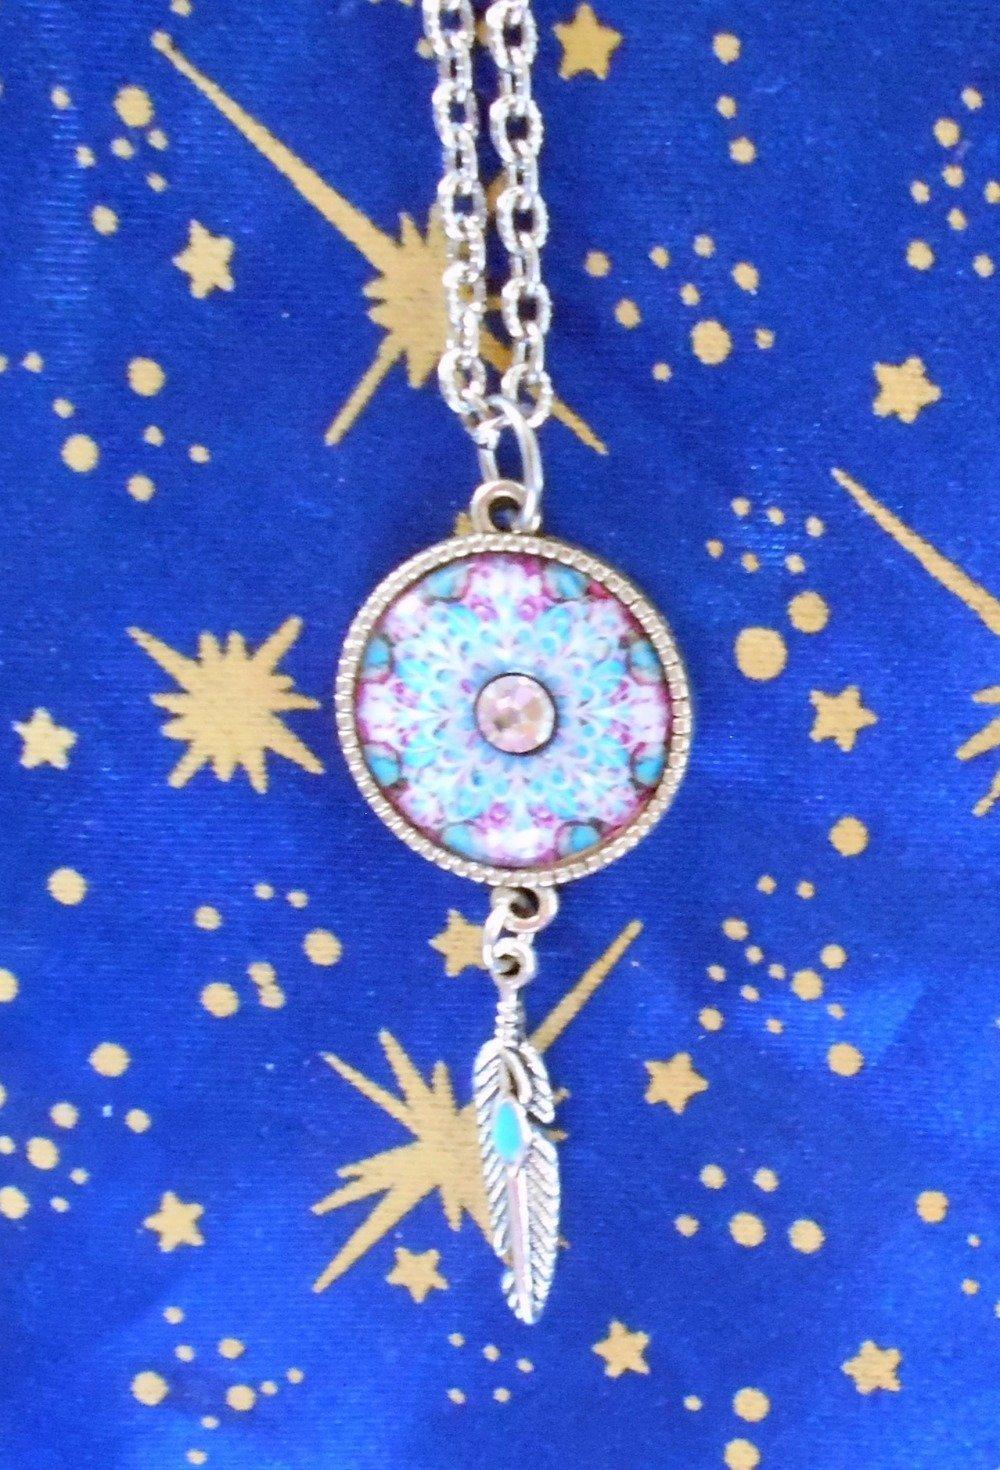 Pendentif en alliage argent/étain, motif plumes, avec dot's image motif mandala tons turquoise et fuchsia de 20mm de diamètre.